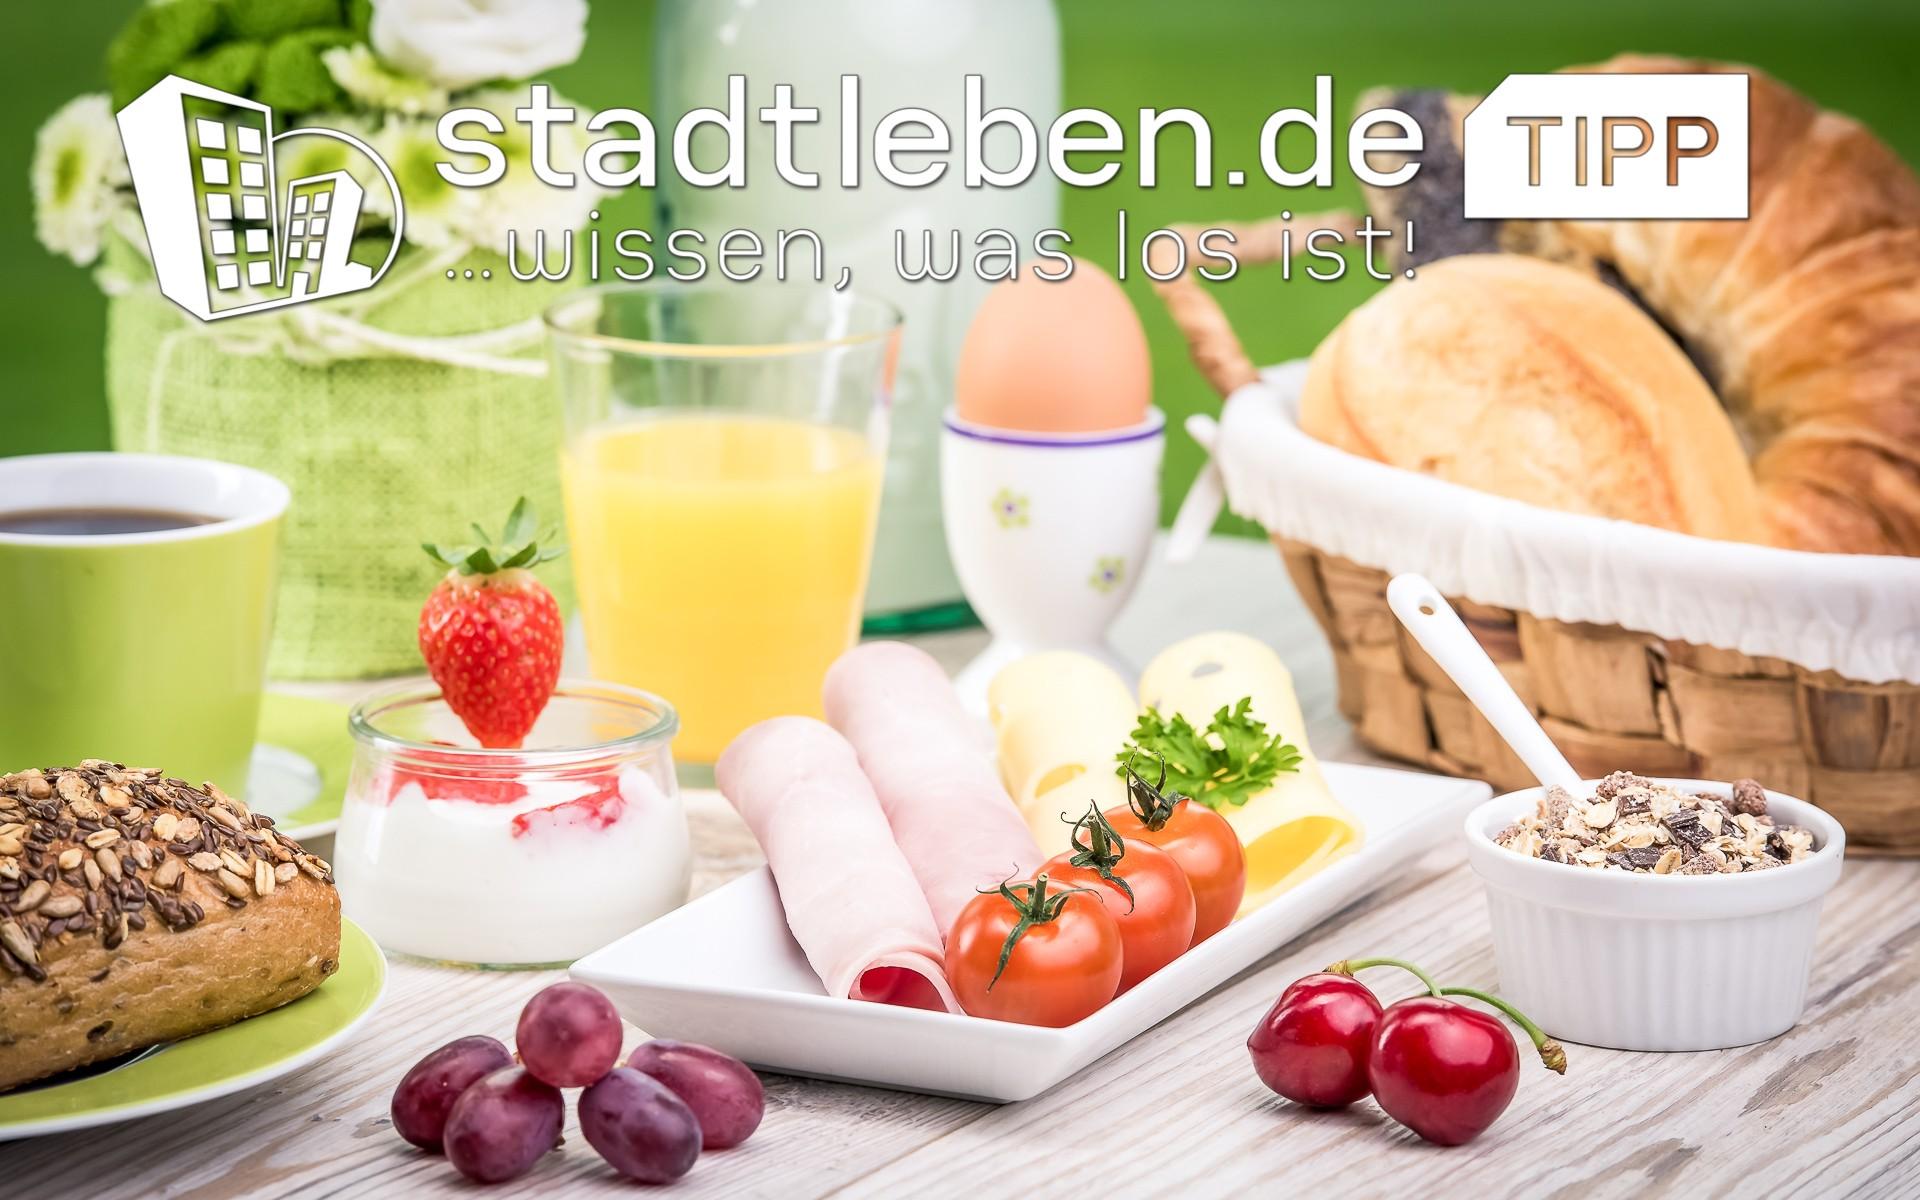 Frühstück mit Körnerbrötchen, Müsli, frischem Obst, Tomaten, Käse, Ei, frischem O-Saft und Kaffee